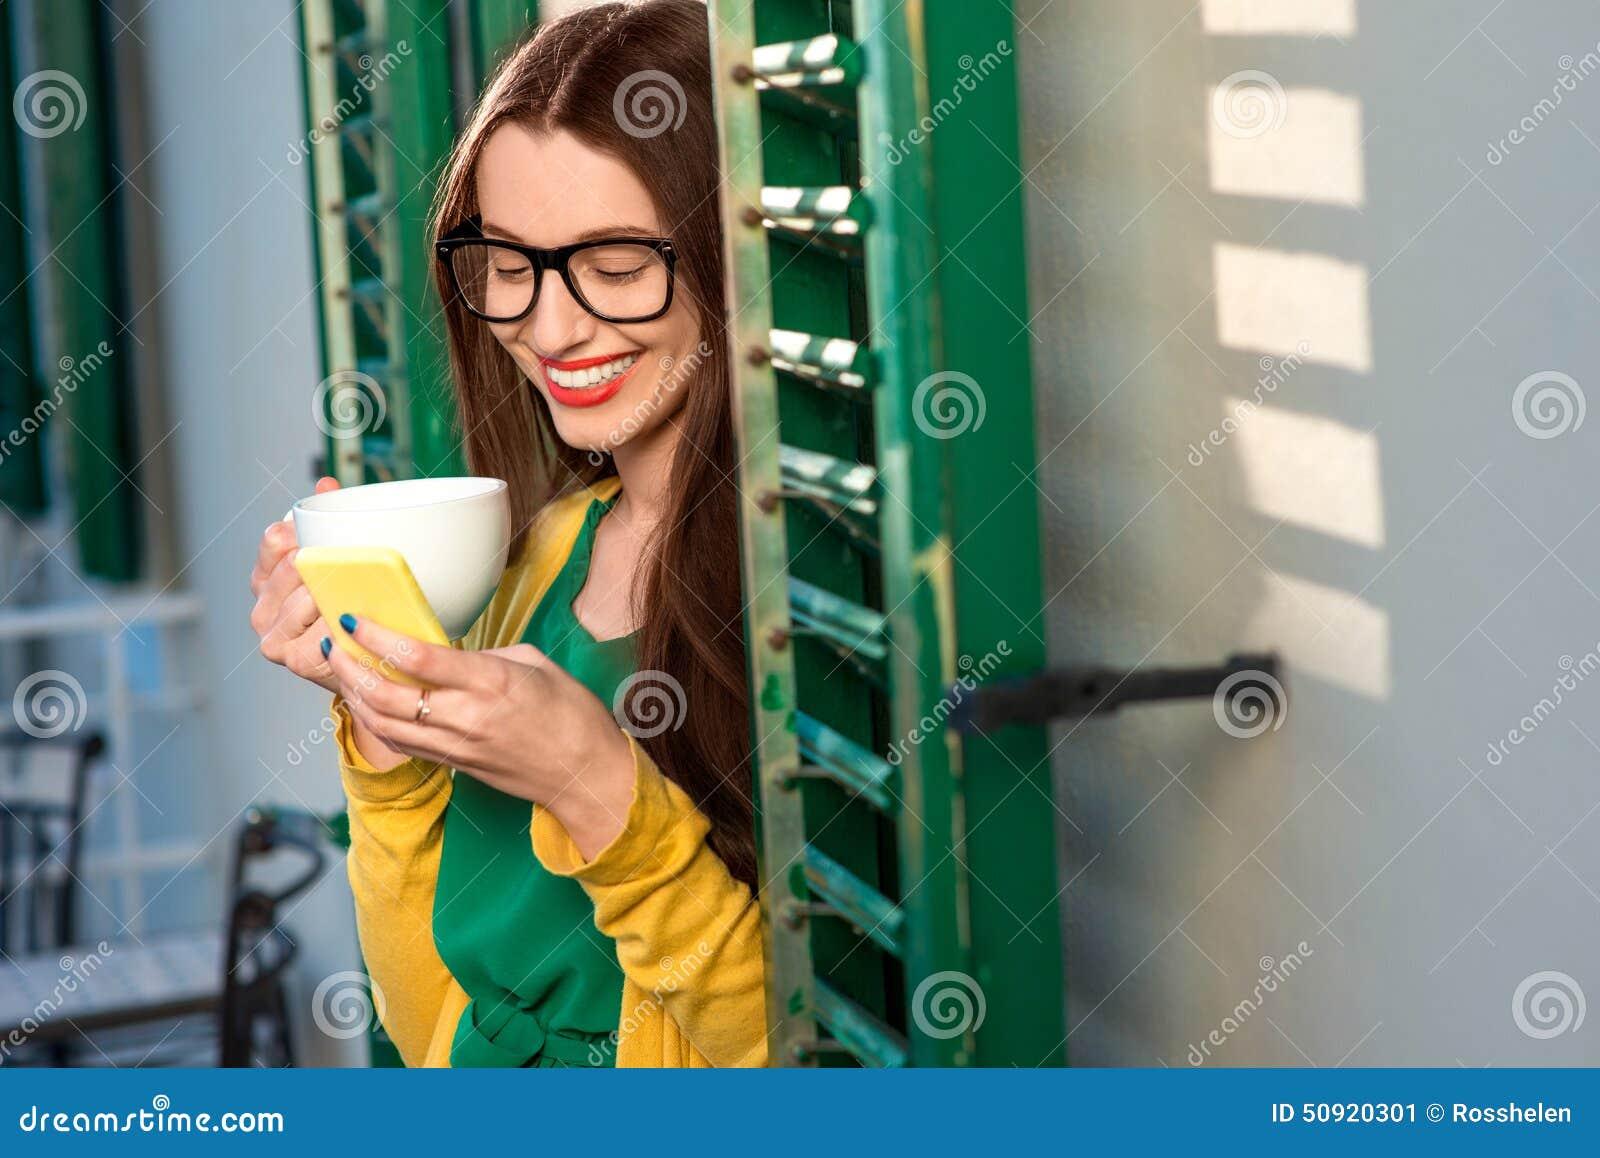 Γυναίκα με το τηλέφωνο στο μπαλκόνι